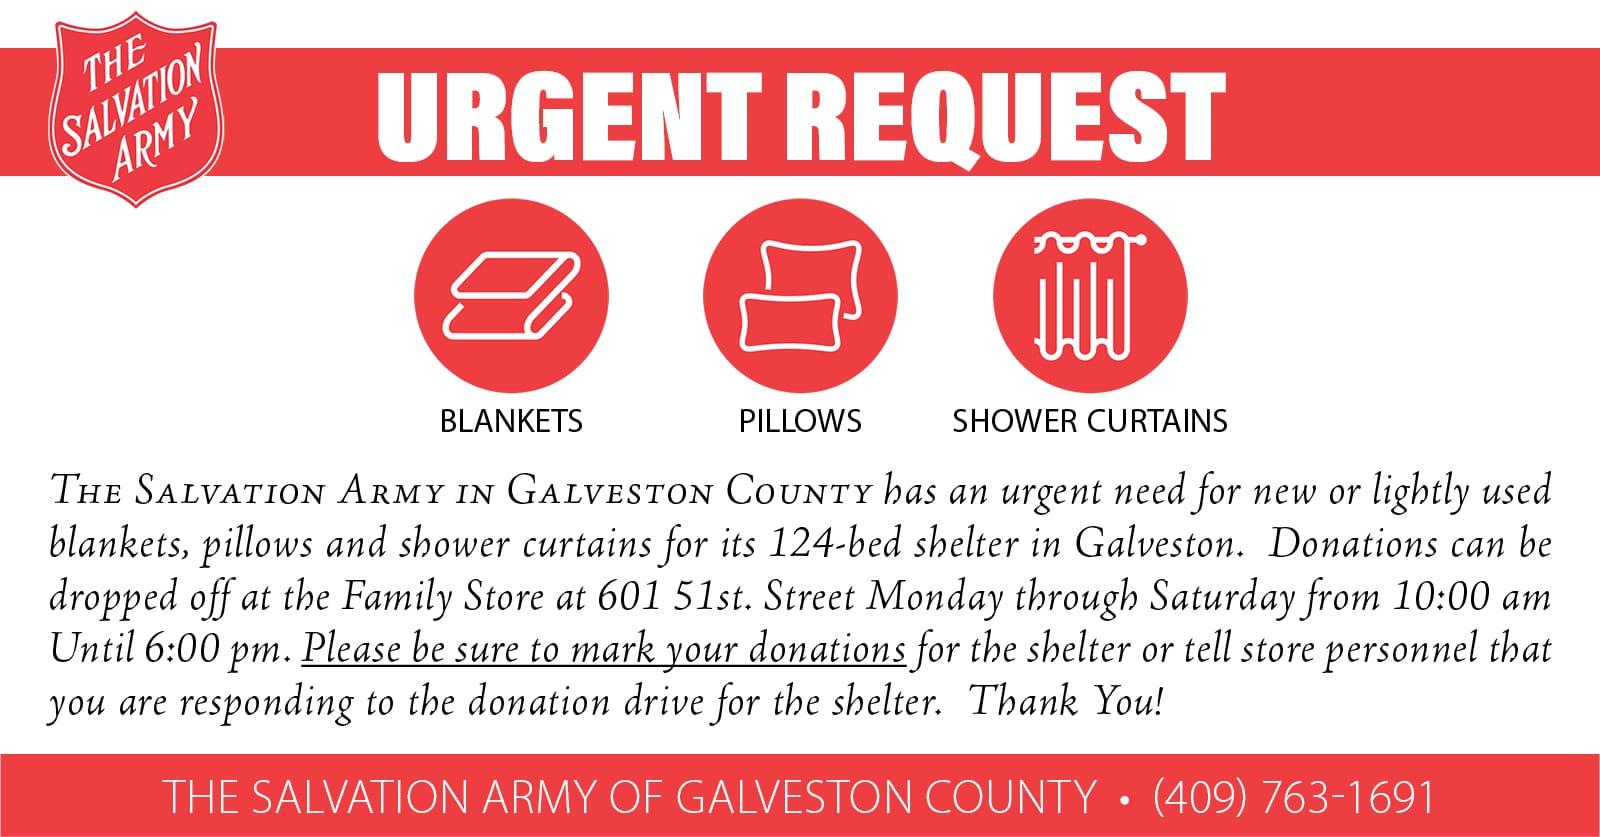 Salvation Army urgent request